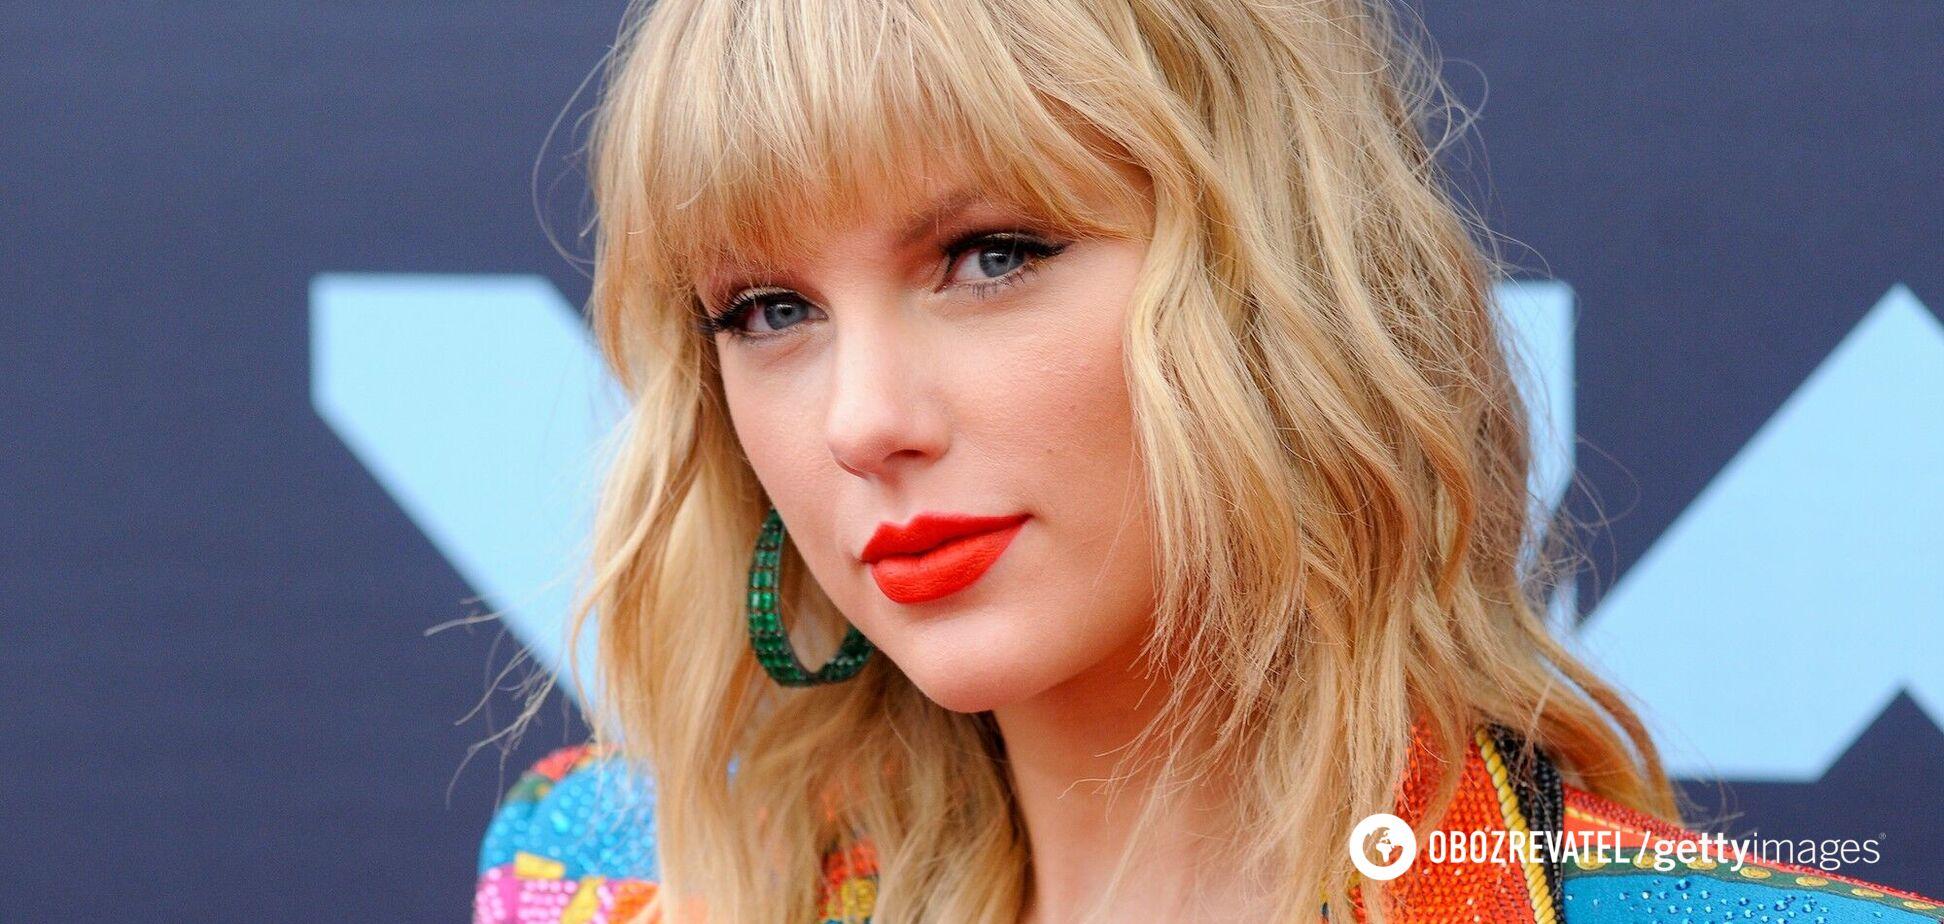 Тейлор Свифт рассказала, что создала страницу в 'Вконтакте'